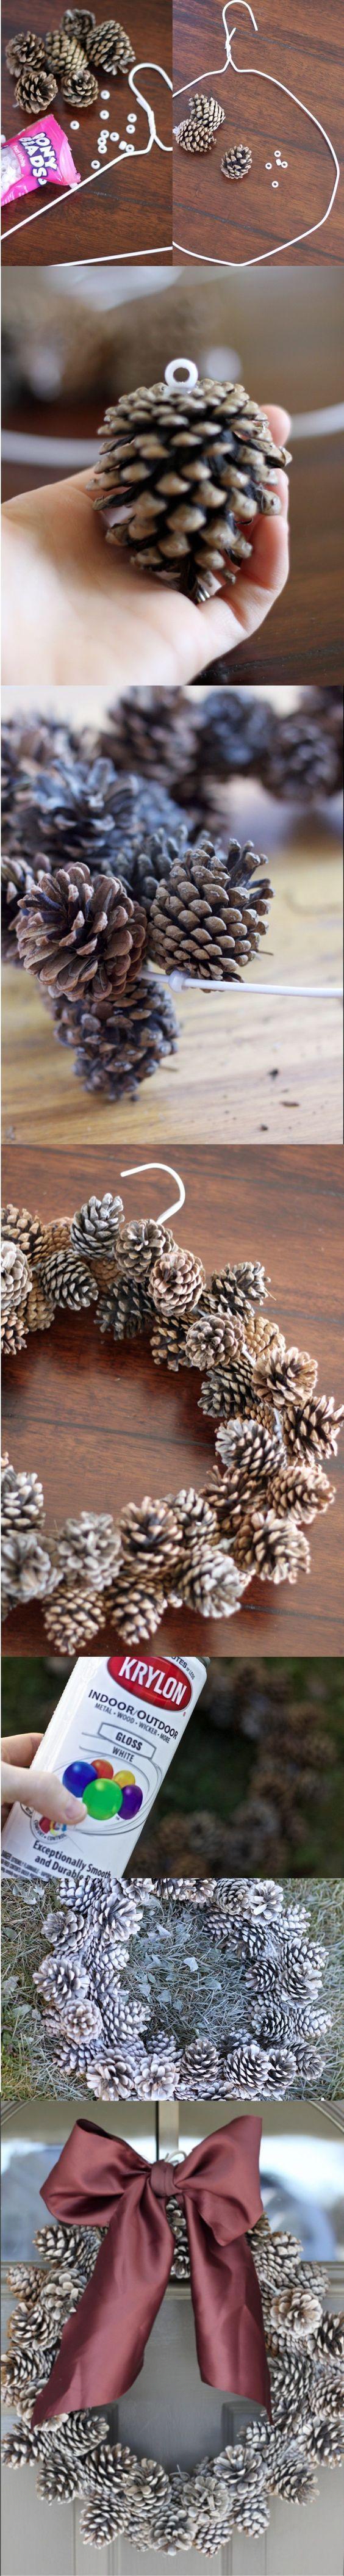 Voici comment fabriquer une couronne de Noël super simplement avec des pommes de pin et un cintre ! On peut ensuite la personnaliser avec de la peinture, un ruban...